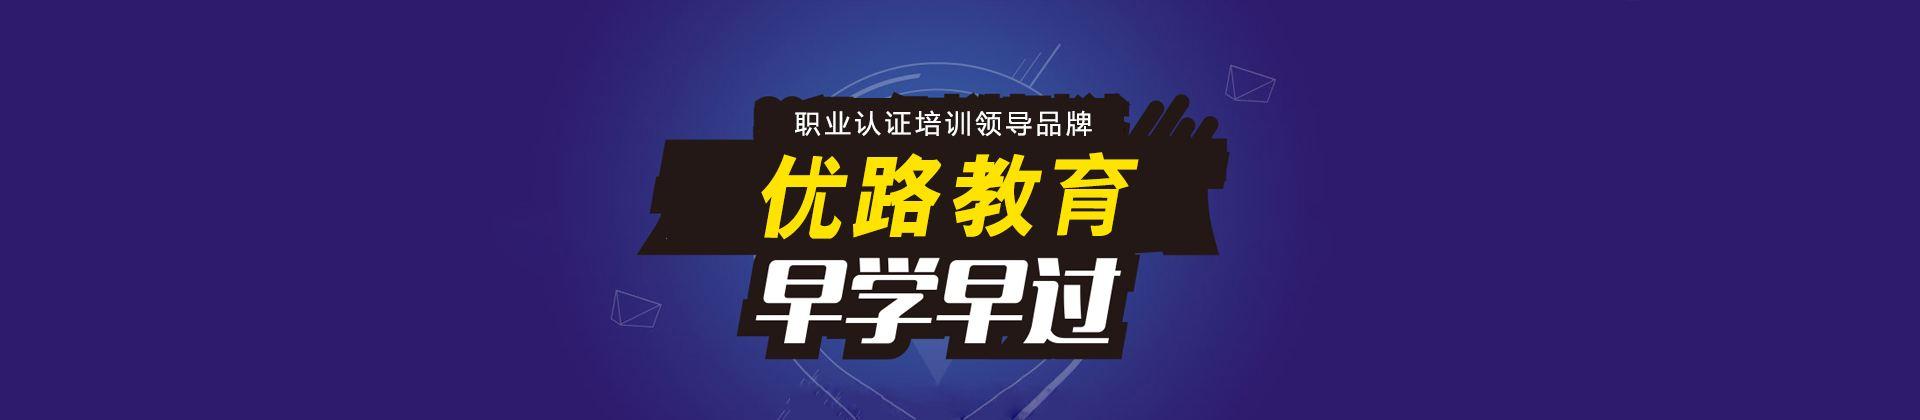 宁夏固原优路教育培训学校